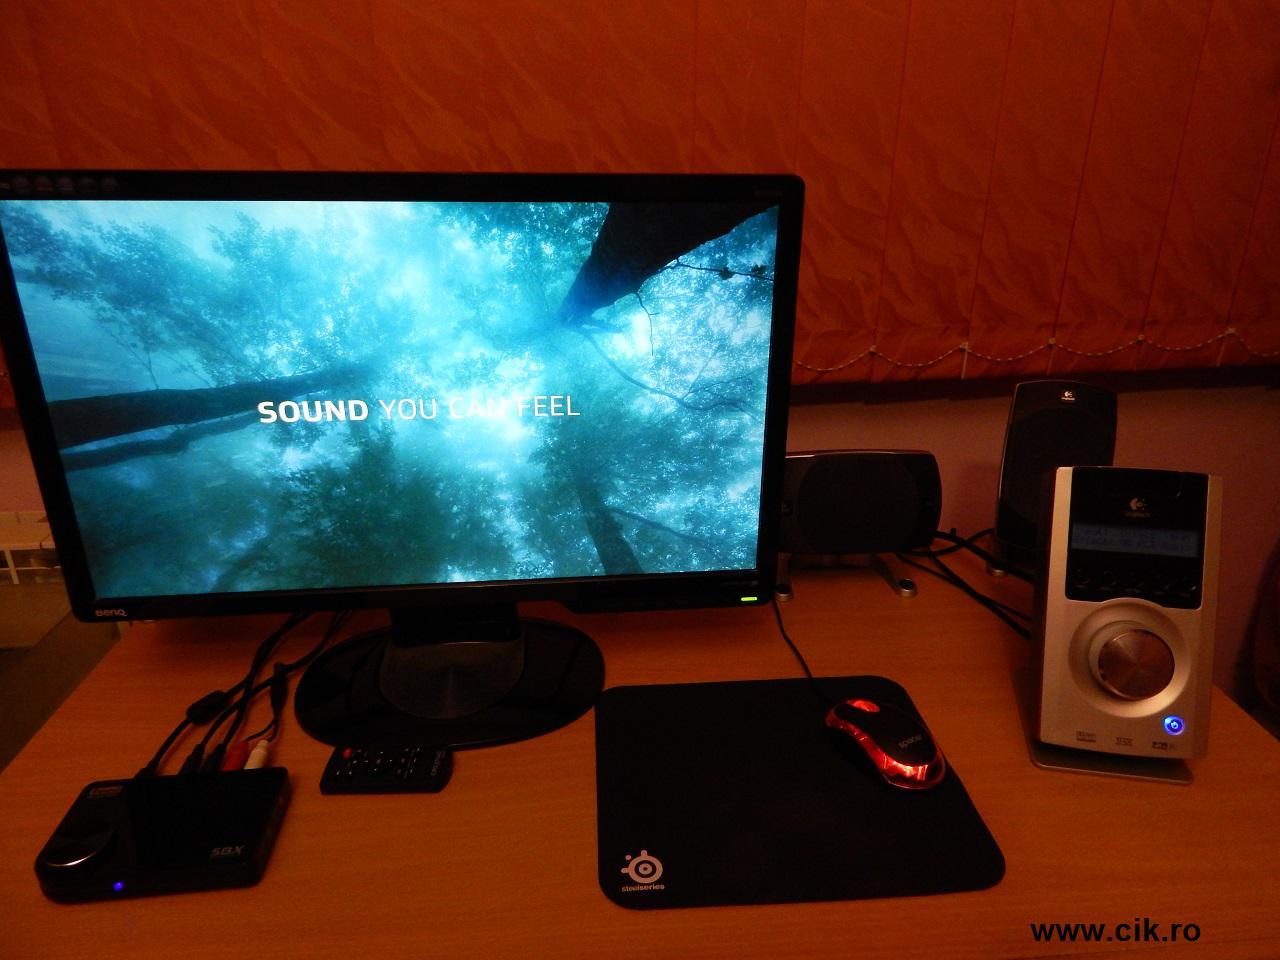 Sound Blaster X-Fi Surround 5.1 Pro USB este o placa de sunet slaba